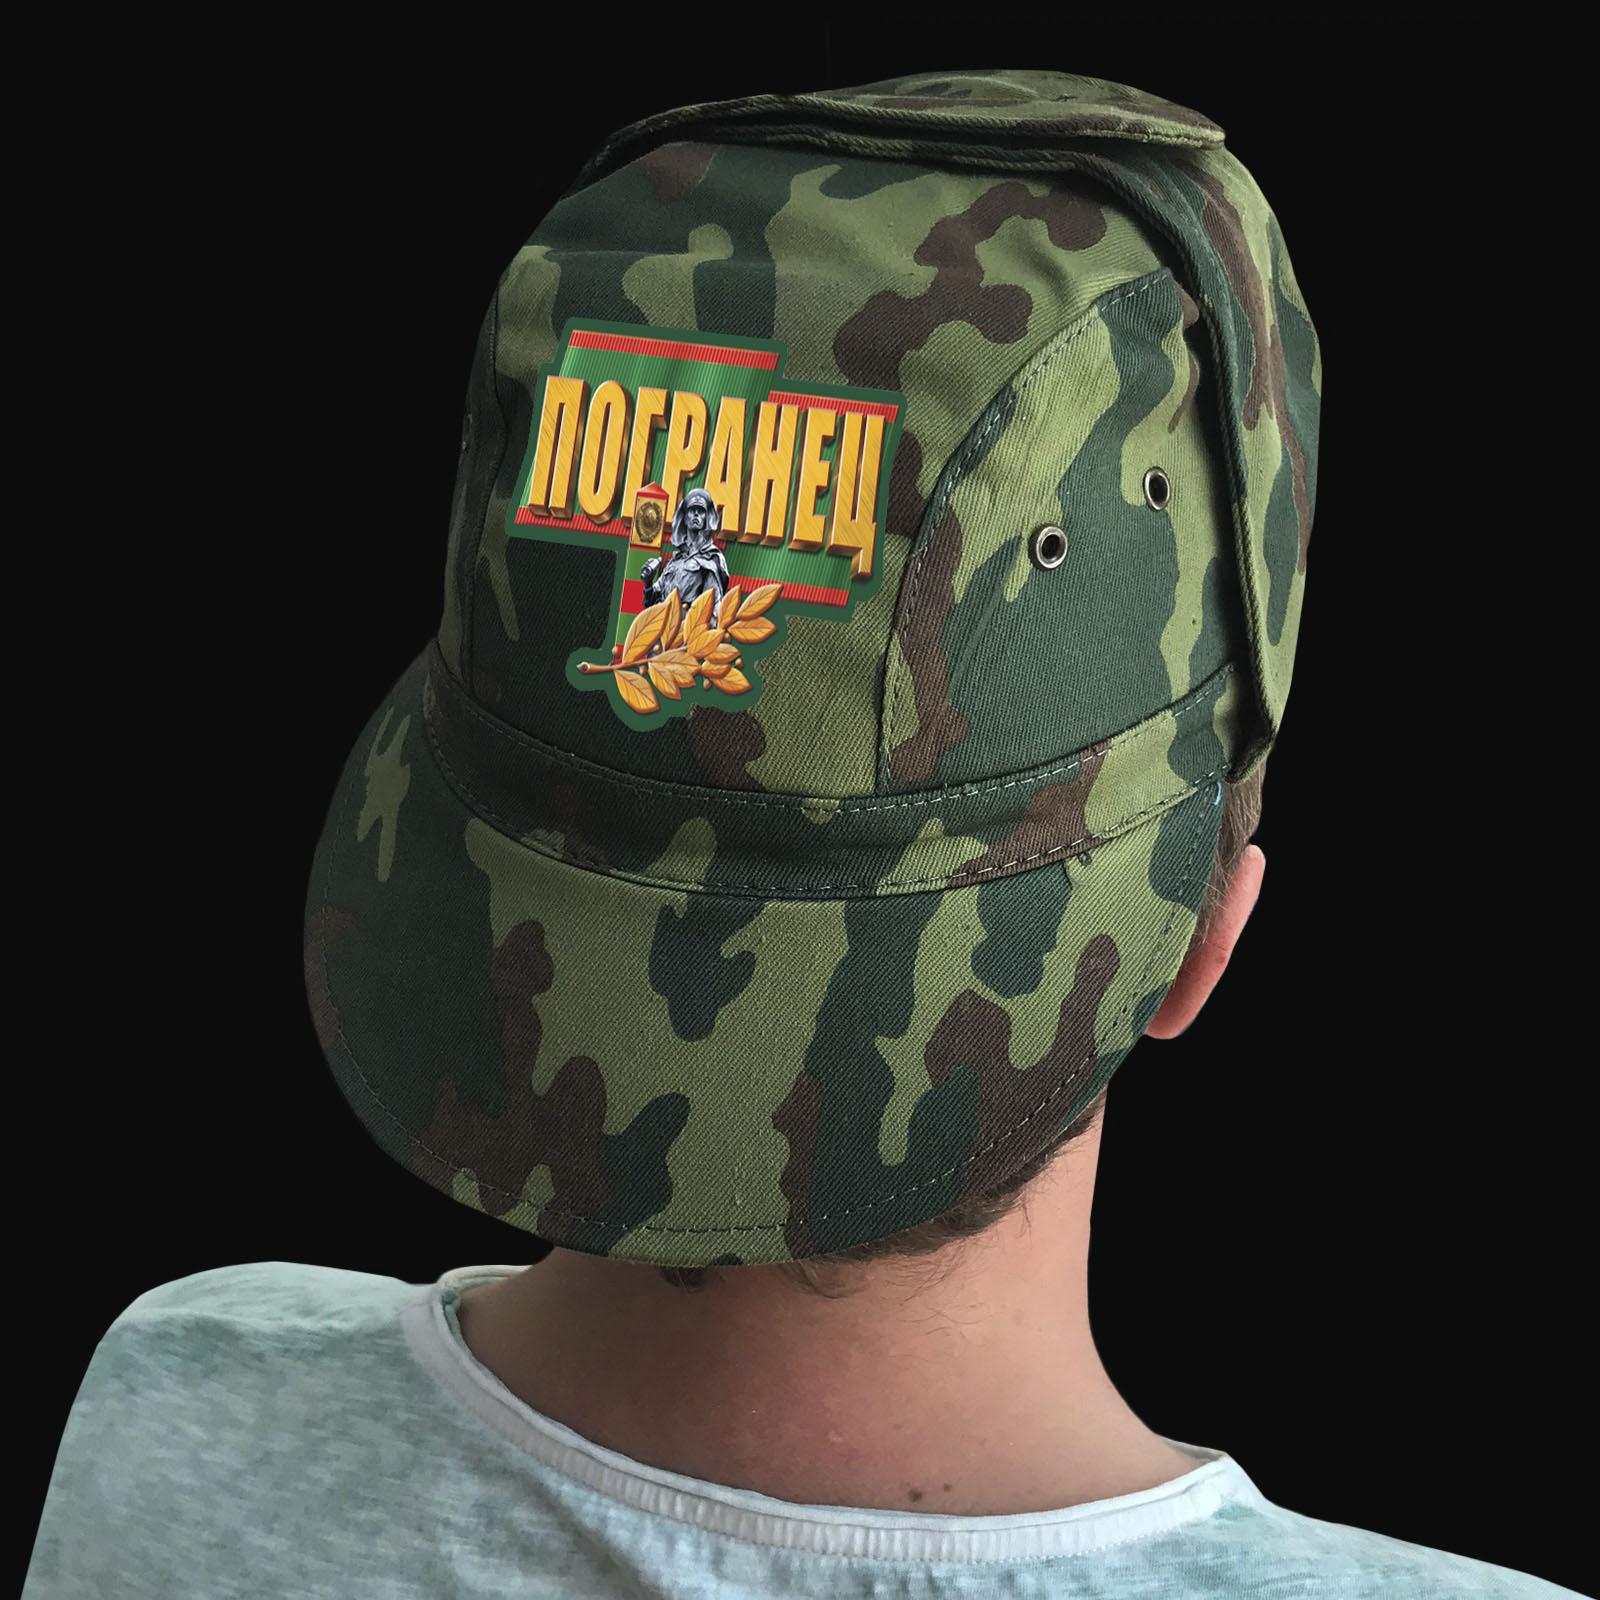 Купить мужскую кепку-камуфляж с термотрансфером Погранец оптом или в розницу